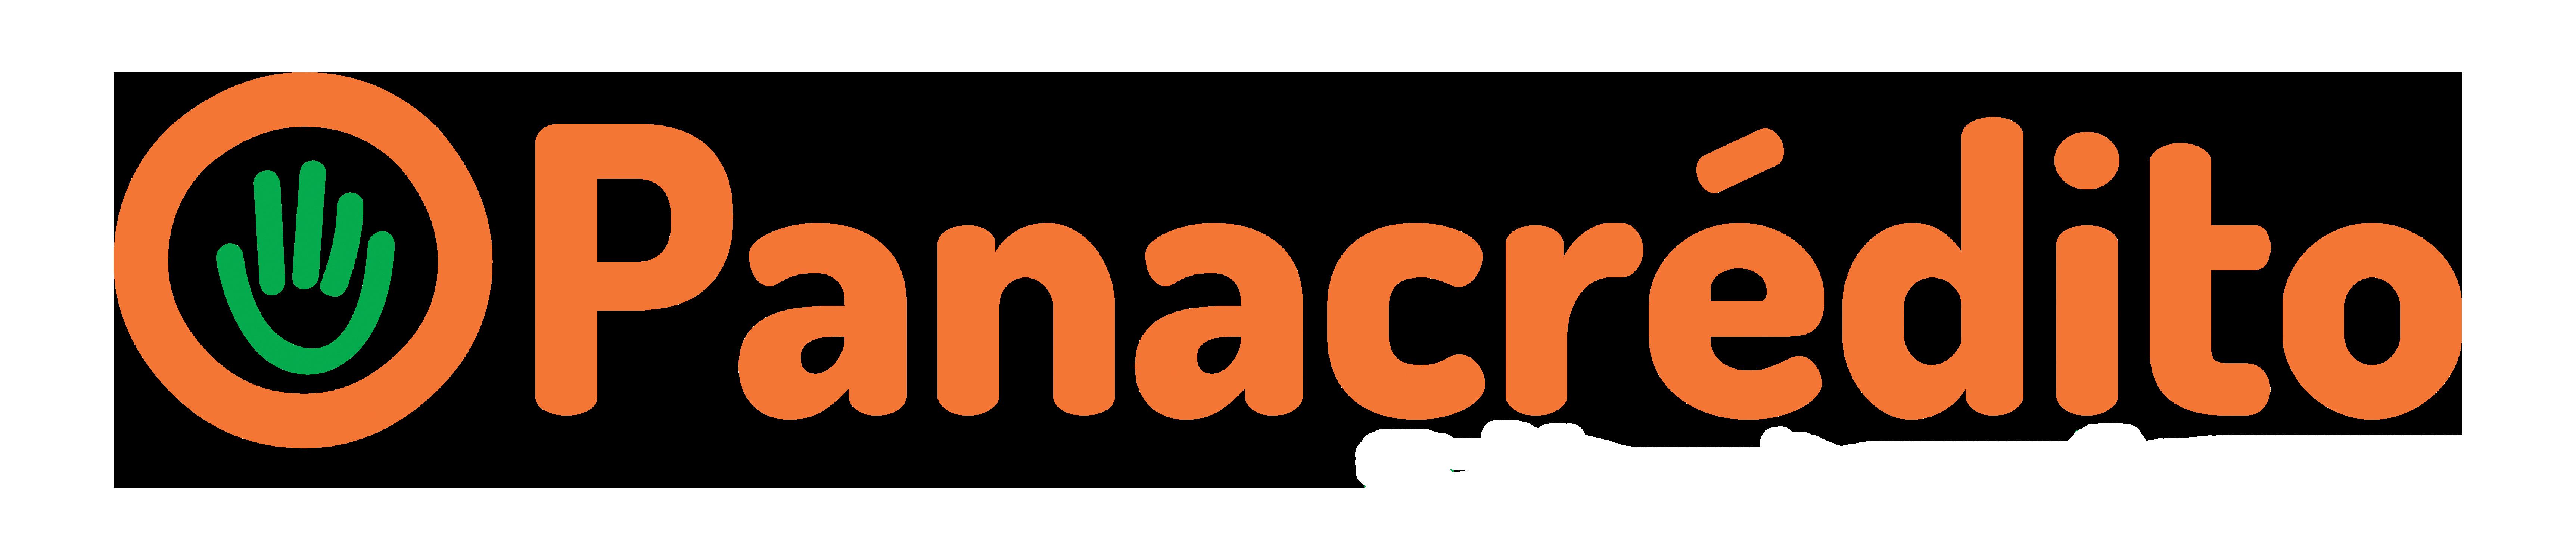 panacredito.do logo